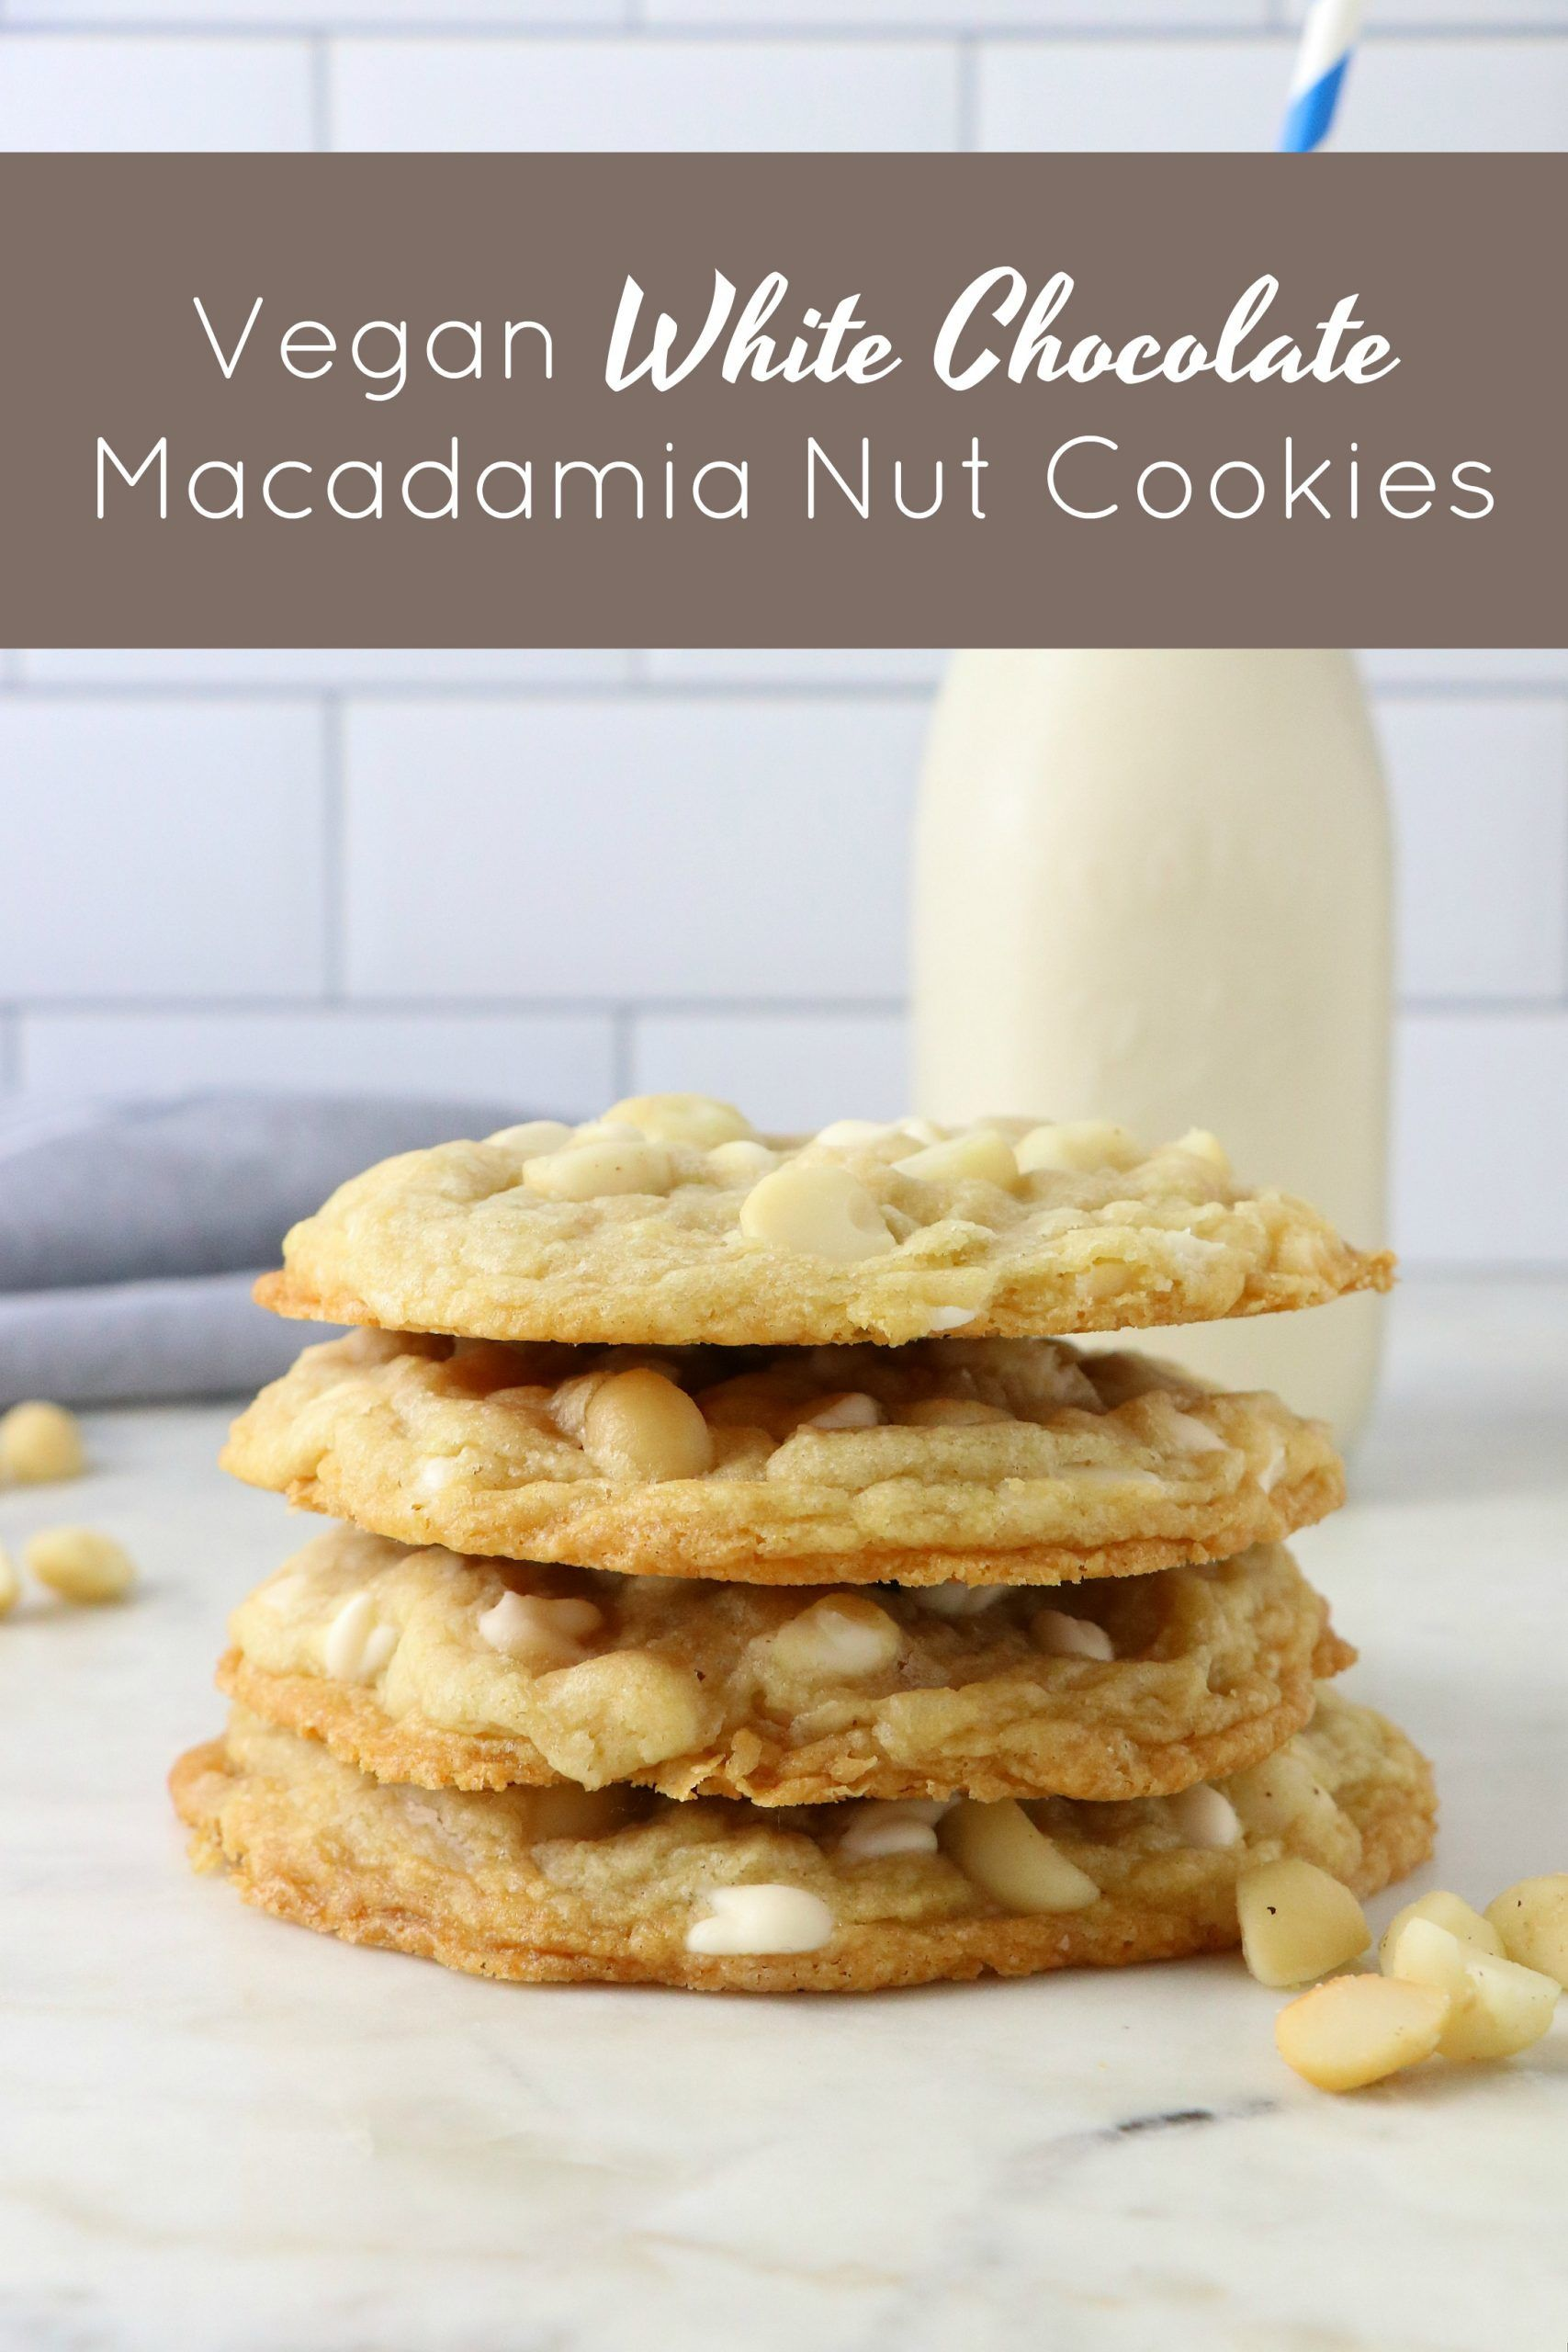 1 Bowl Vegan White Chocolate Macadamia Nut Cookies Eat Drink Shrink Recipe In 2020 Vegan White Chocolate White Chocolate Macadamia Nut Cookies Macadamia Nut Cookies